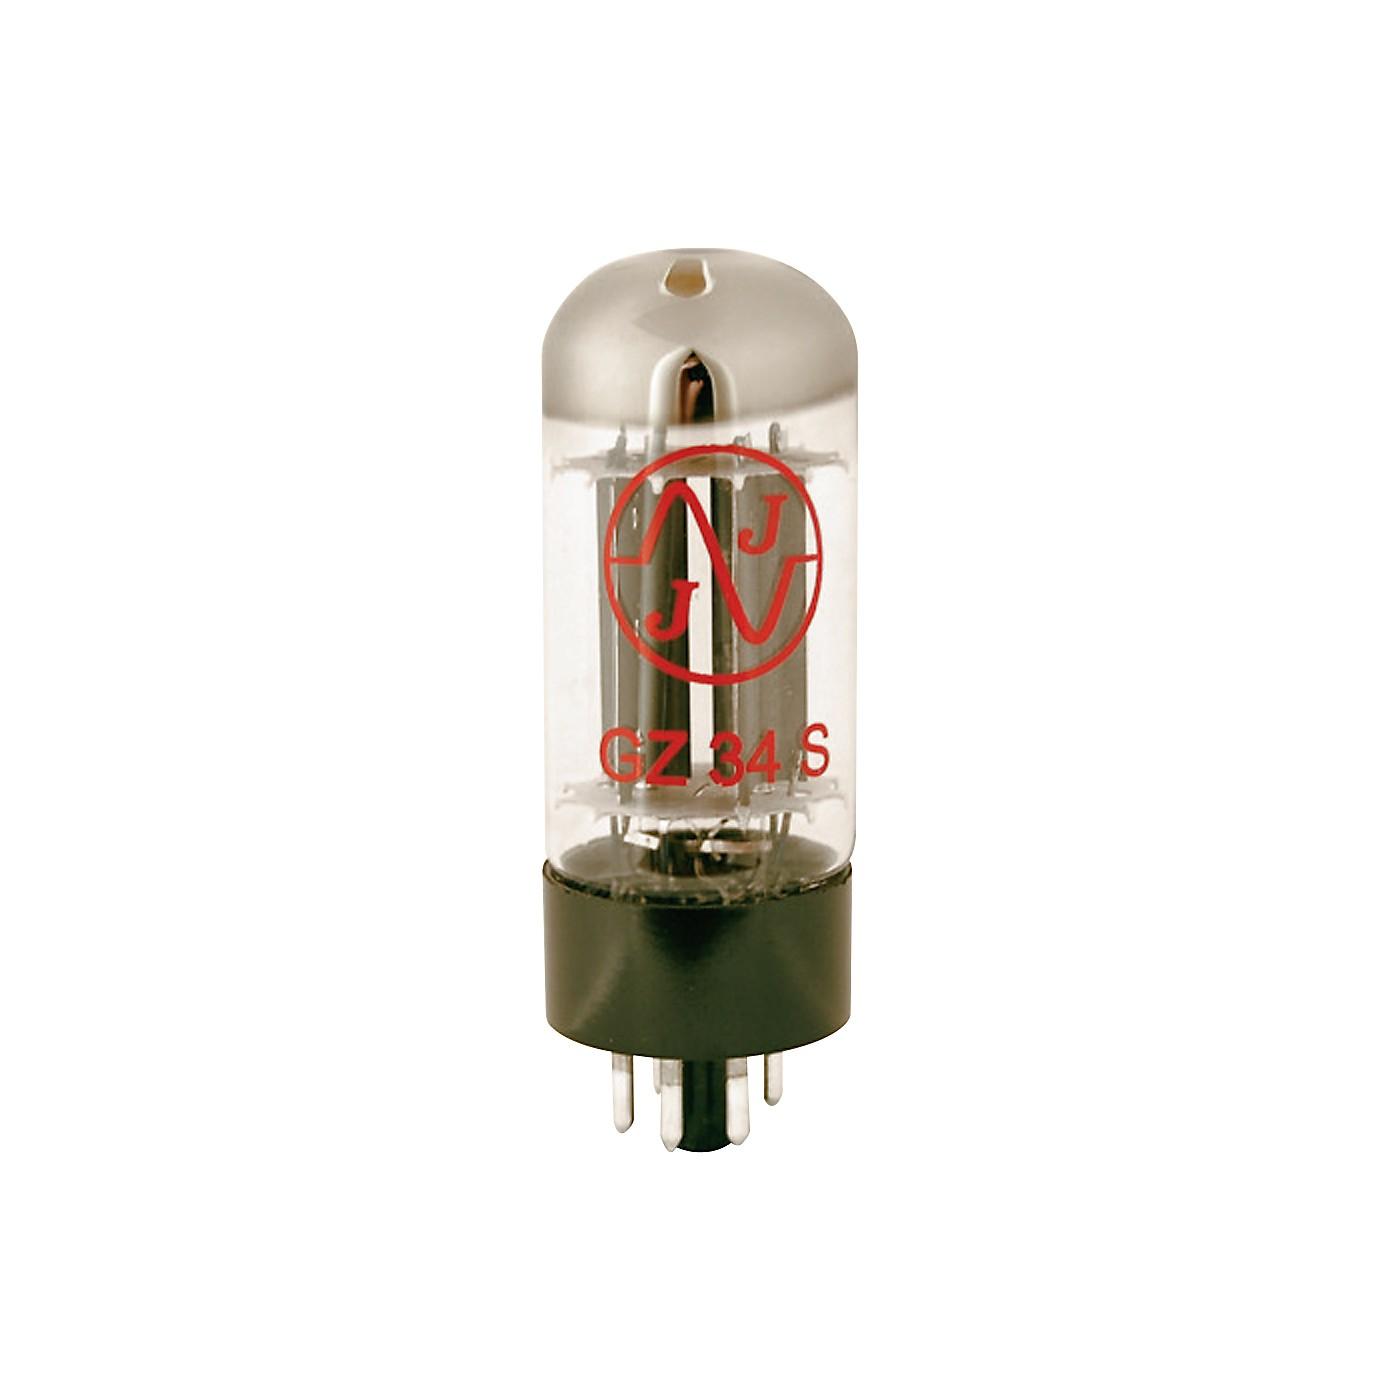 JJ Electronics 5AR4 / GZ34 Rectifier Vacuum Tube thumbnail